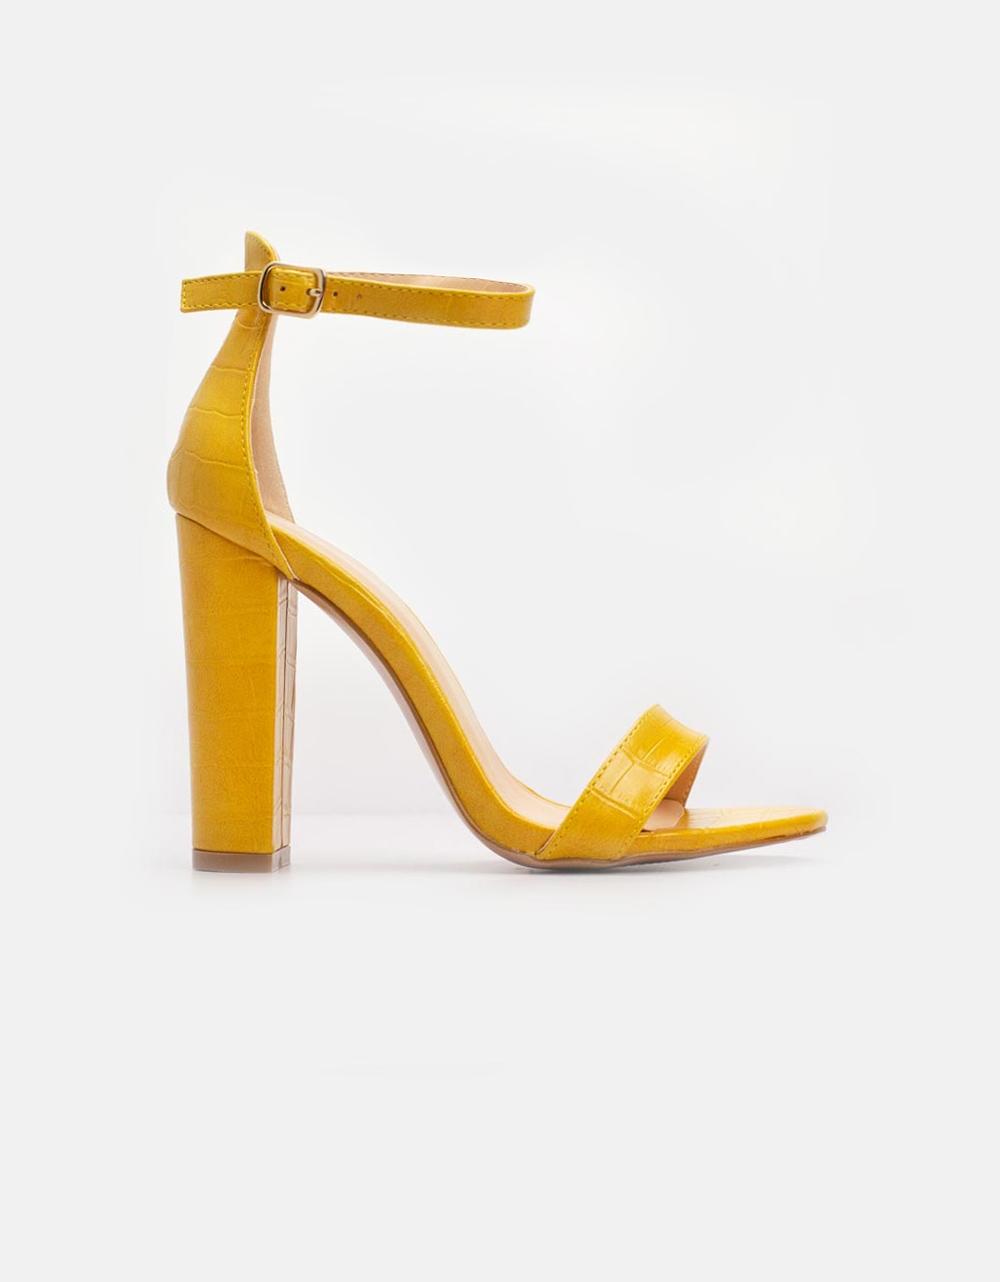 Εικόνα από Γυναικεία πέδιλα με κροκό σχέδιο Κίτρινο